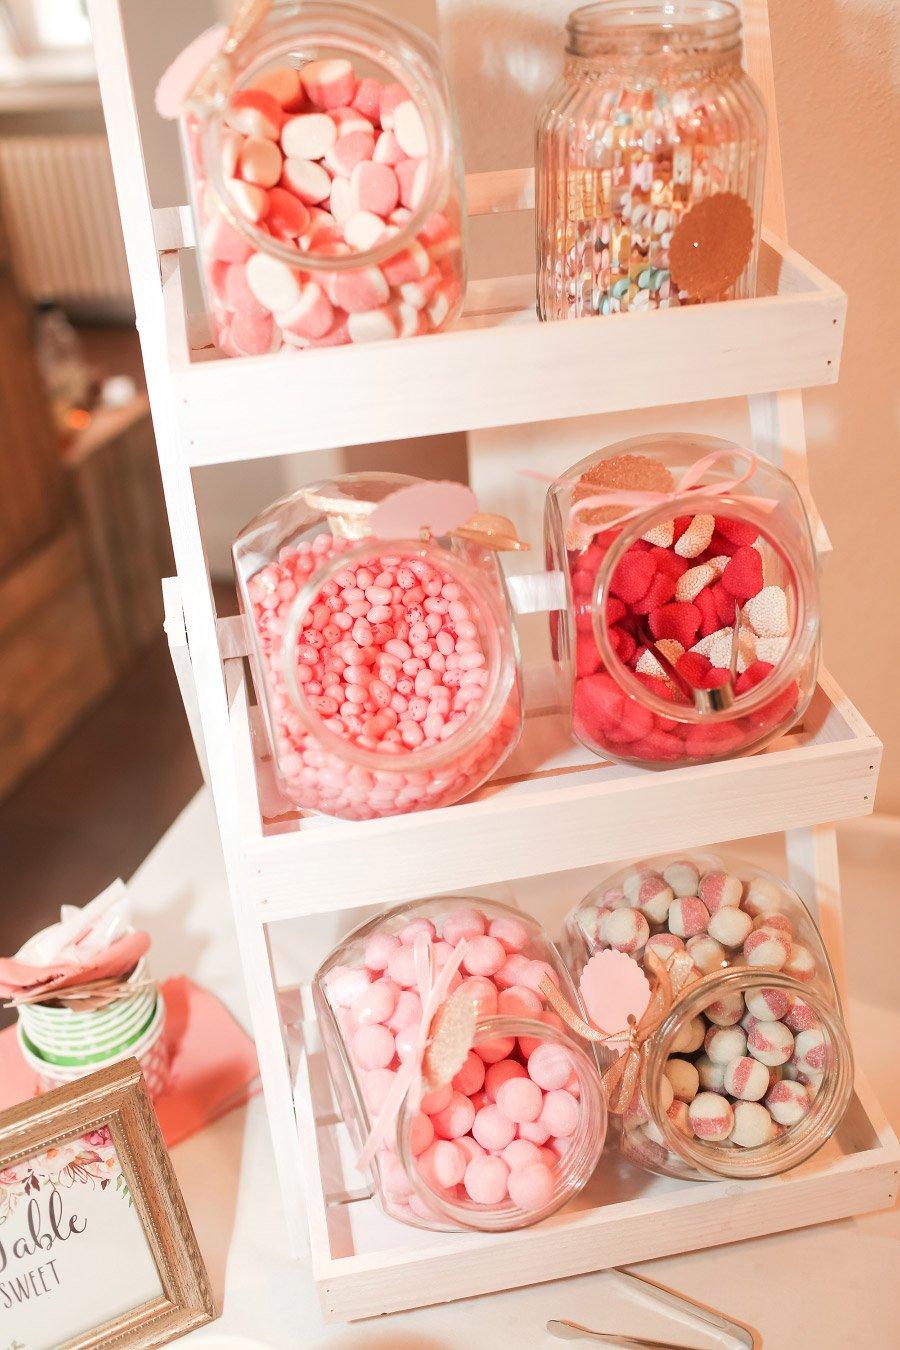 Aufsteller mit Süßigkeiten bei der Candybar